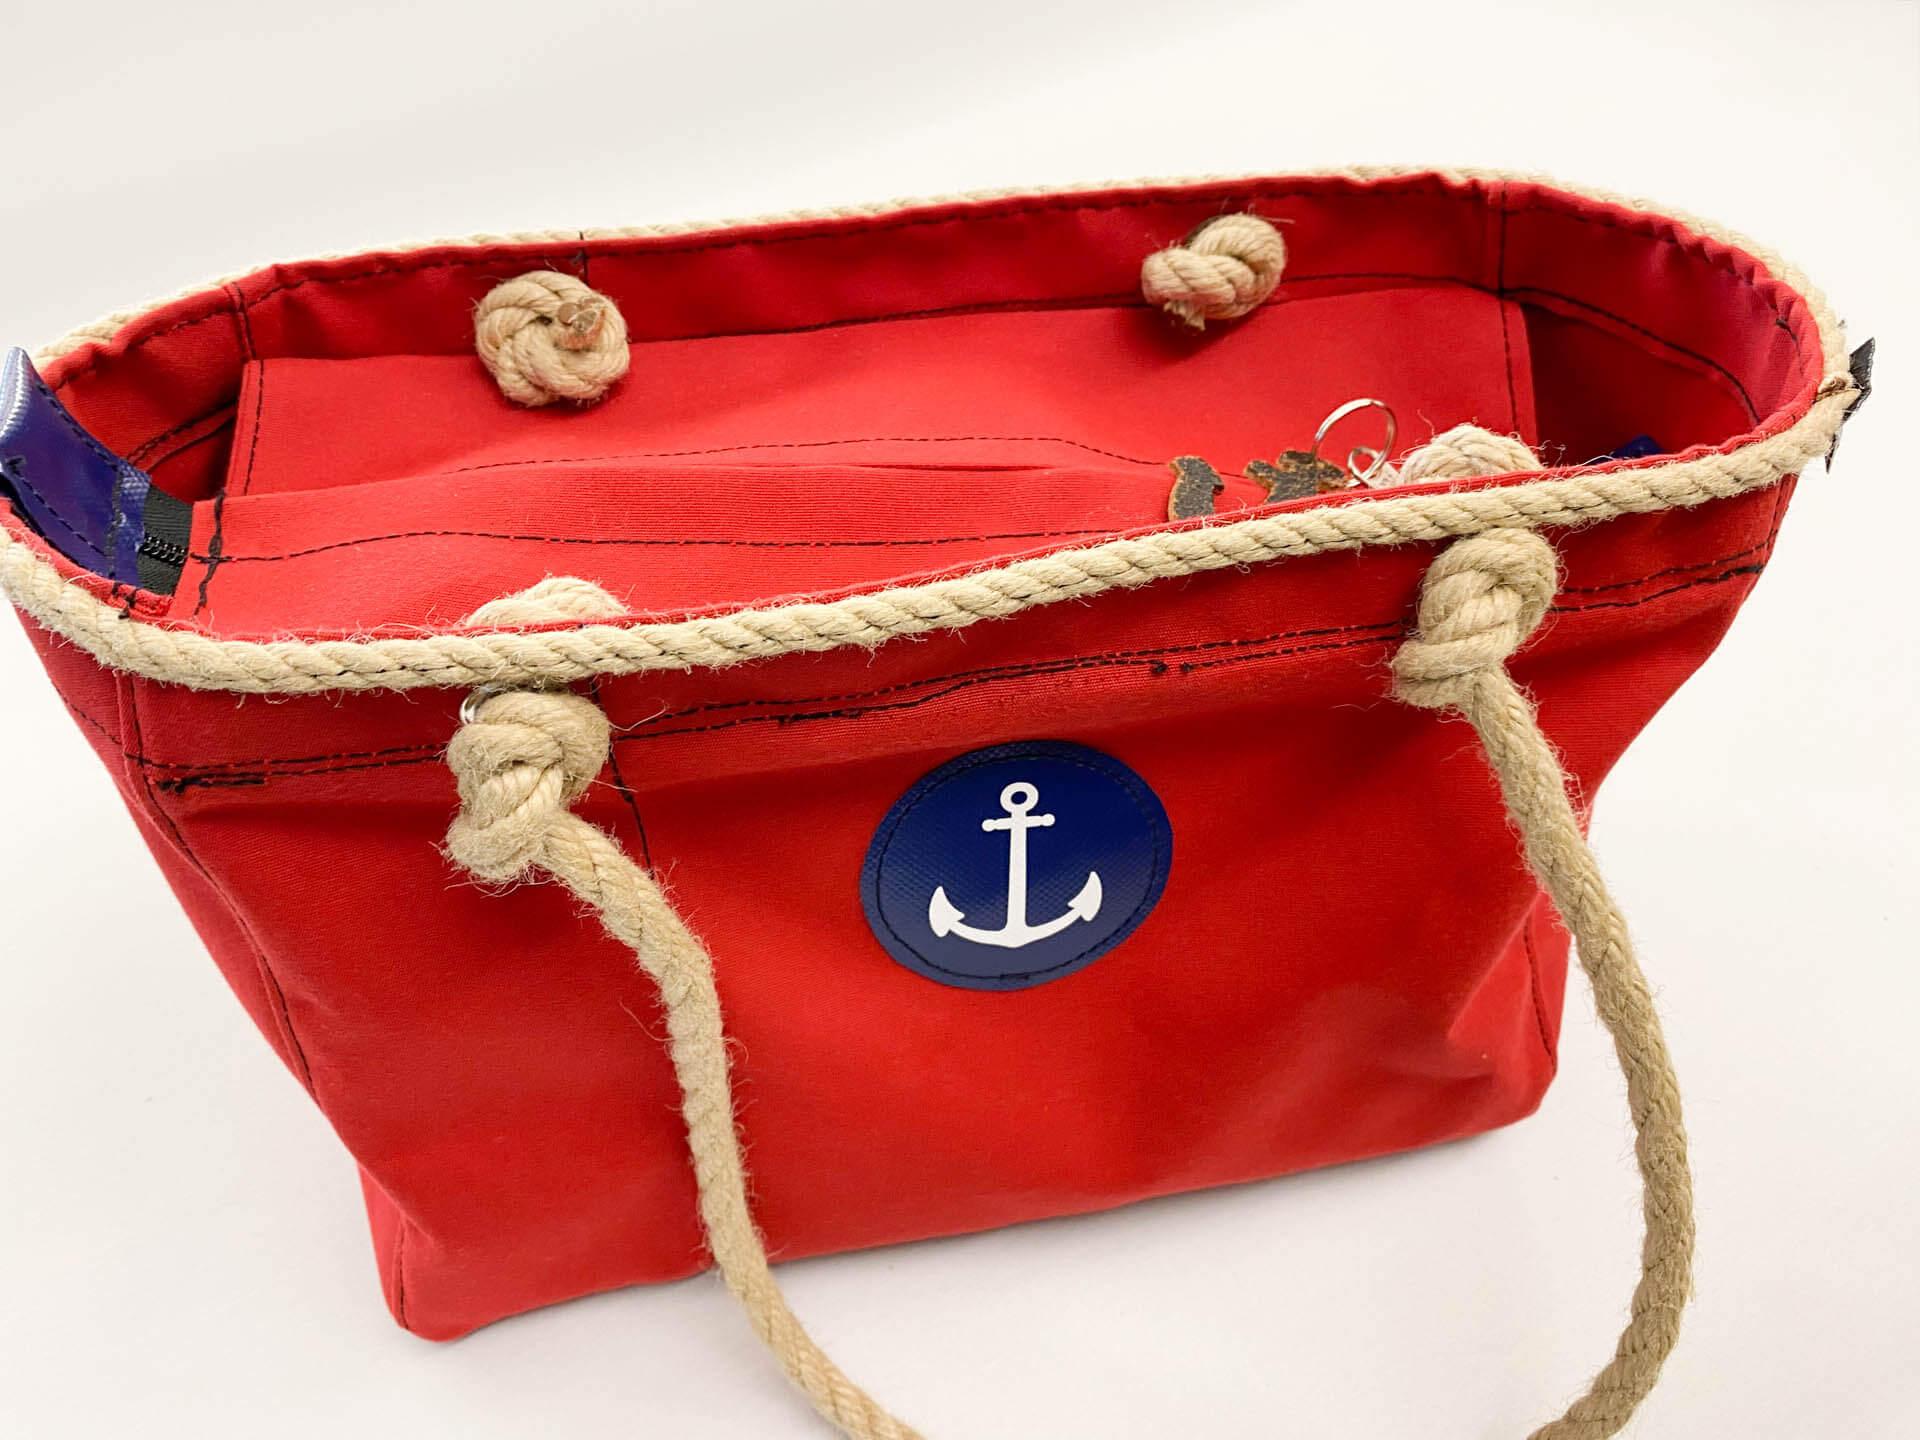 Maritime rote Umhängetasche für Damen mit Ankersymbol